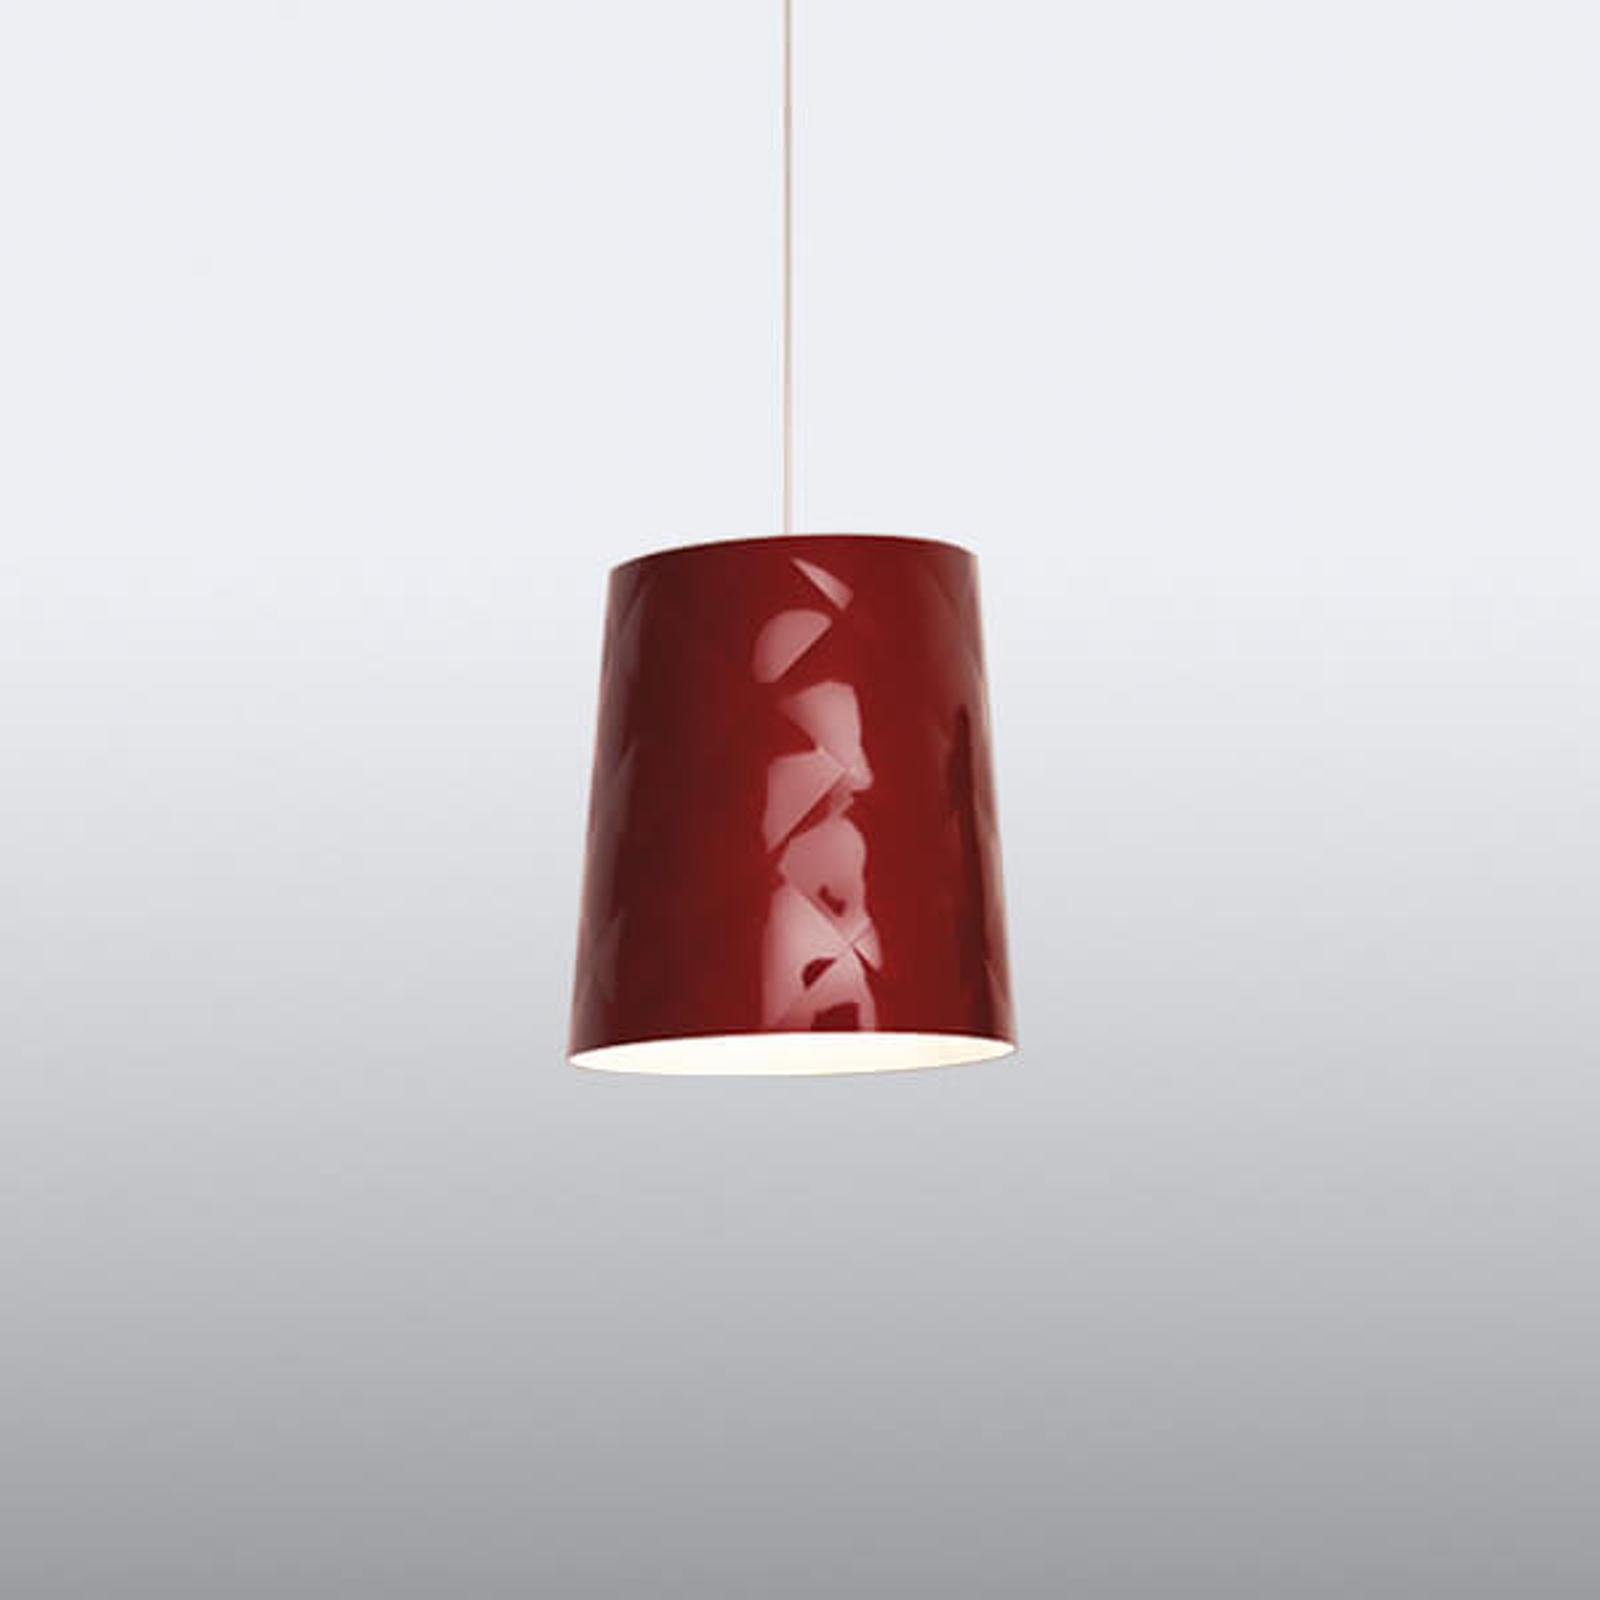 Kundalini New York sospensione, Ø 33 cm, rosso